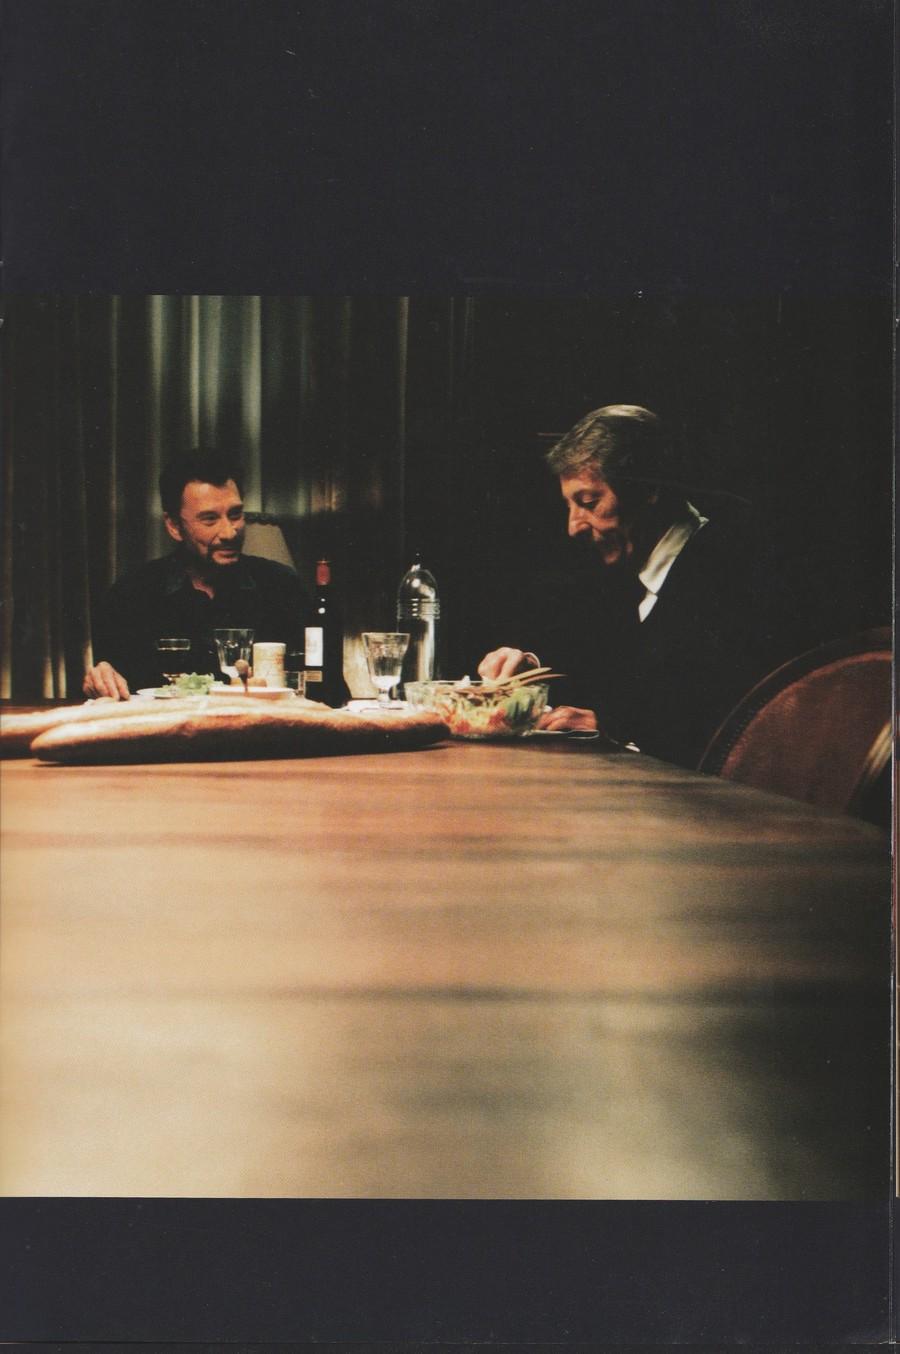 LES FILMS DE JOHNNY 'L'HOMME DU TRAIN' 2002 Img_2752